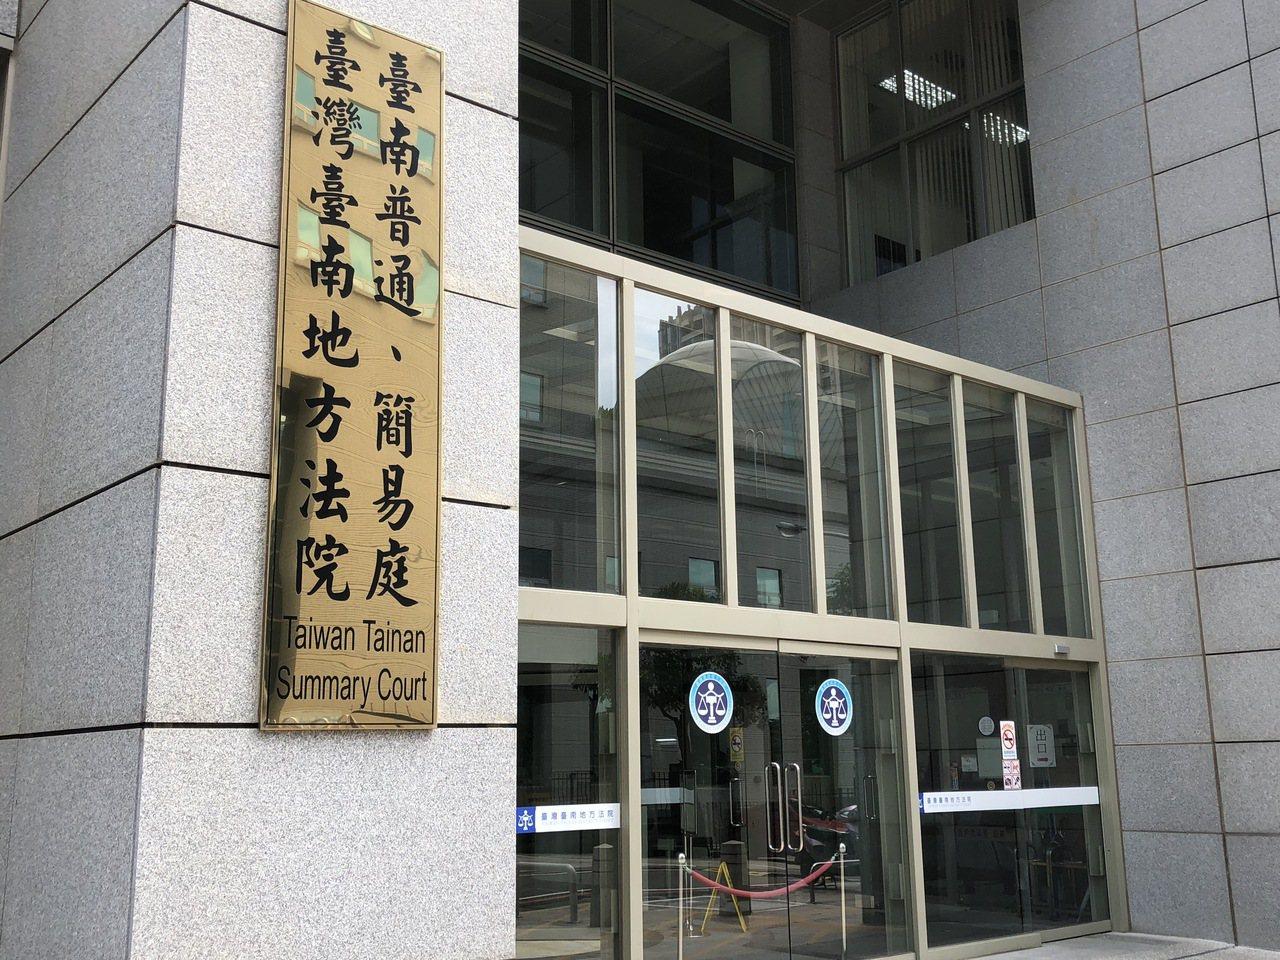 台南簡易庭審酌張、王的動機、目的、違反的手段及其非行所生的危害,兼衡其素行、智識...